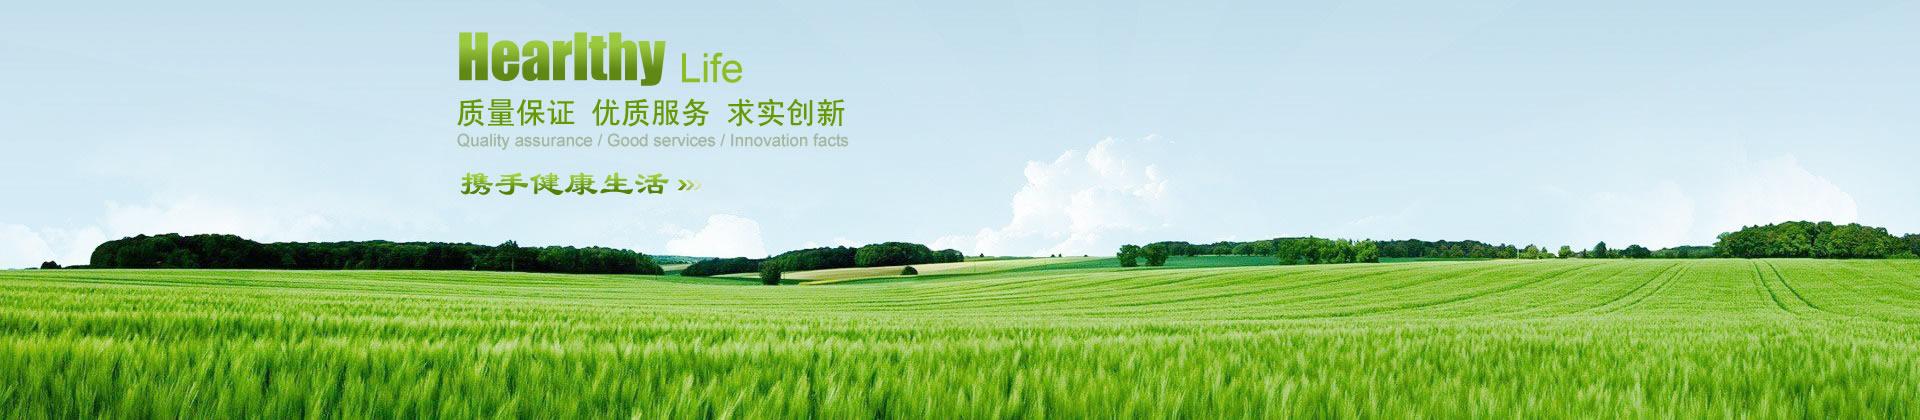 质量保证 优质服务 求实创新